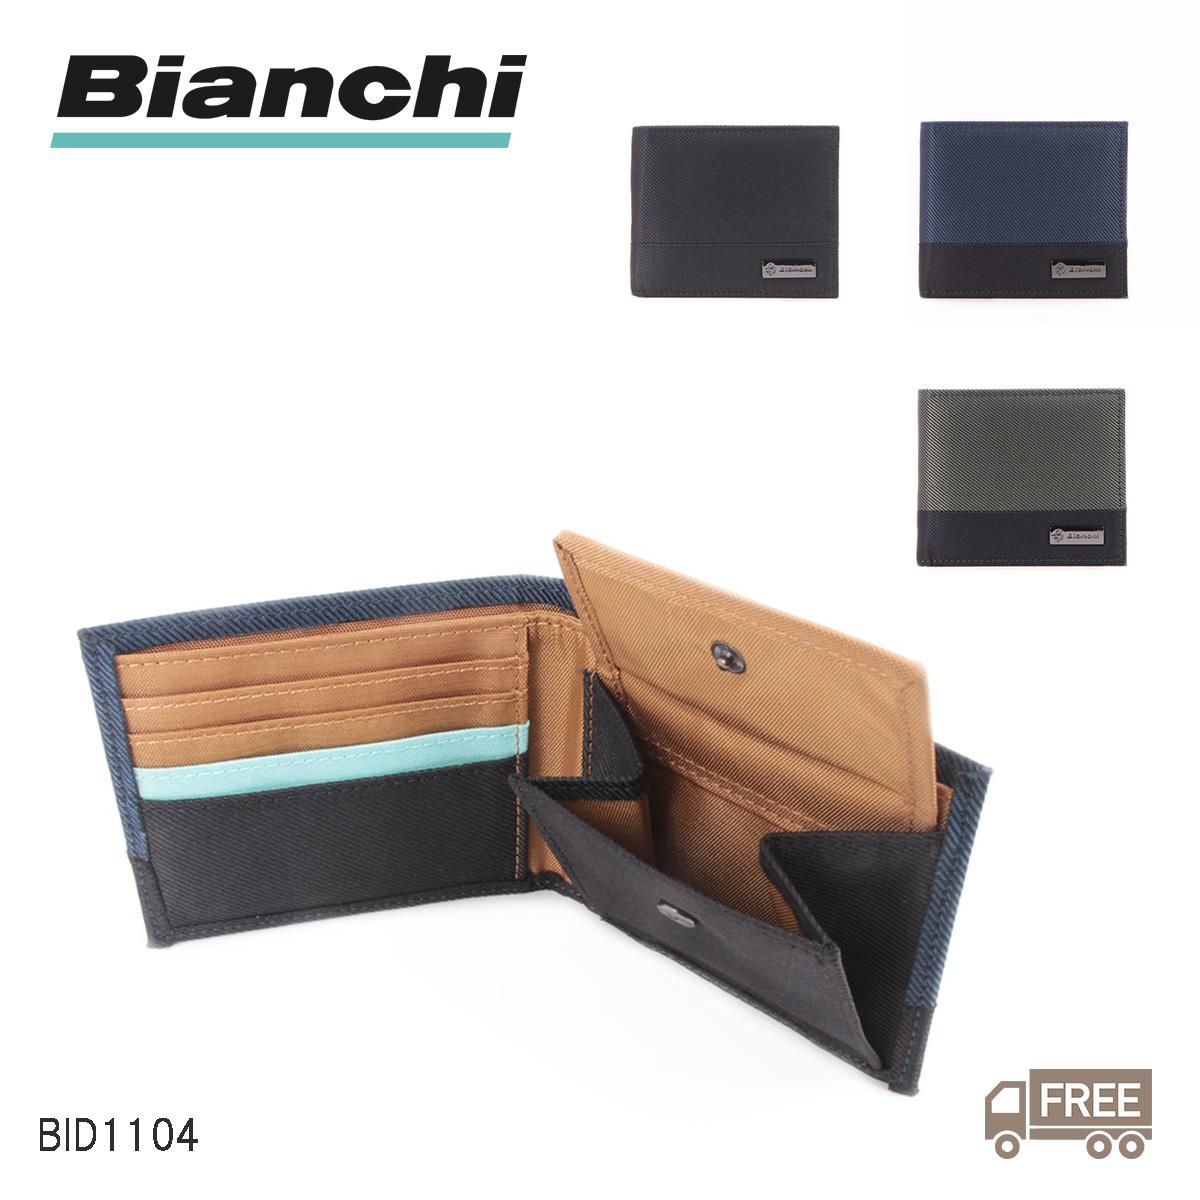 賜物 PICCOLO ピッコロ カジュアルウォレットシリーズ Bianchi ビアンキ BID1104 高級品 カジュアルウォレット シリーズ メンズ 横型二つ折りウォレット DIBASE レディース ウォレット 送料無料 財布